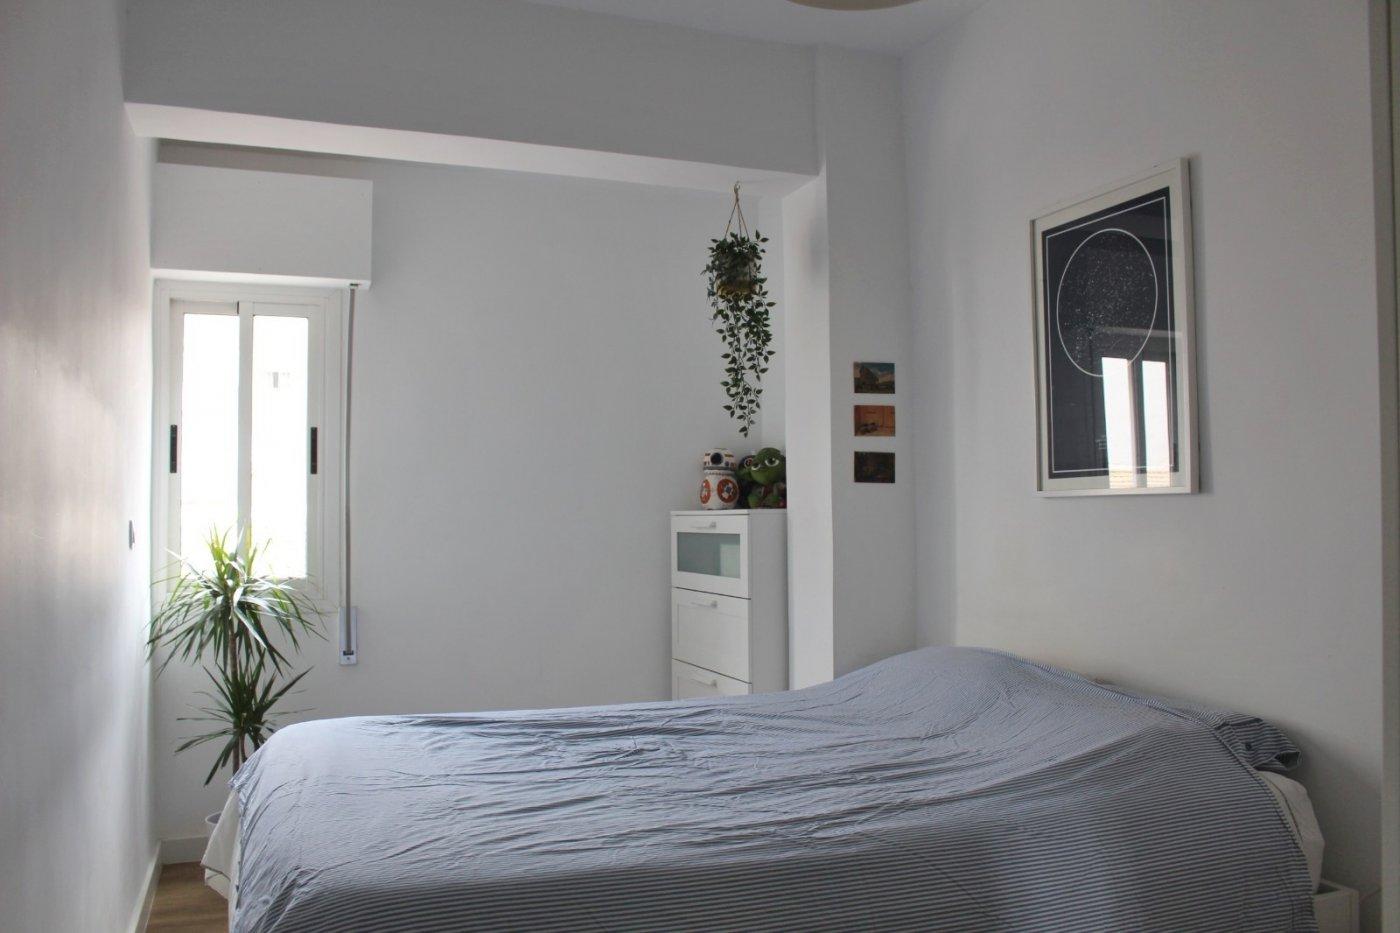 Moderno piso con balcón en espinardo - imagenInmueble4